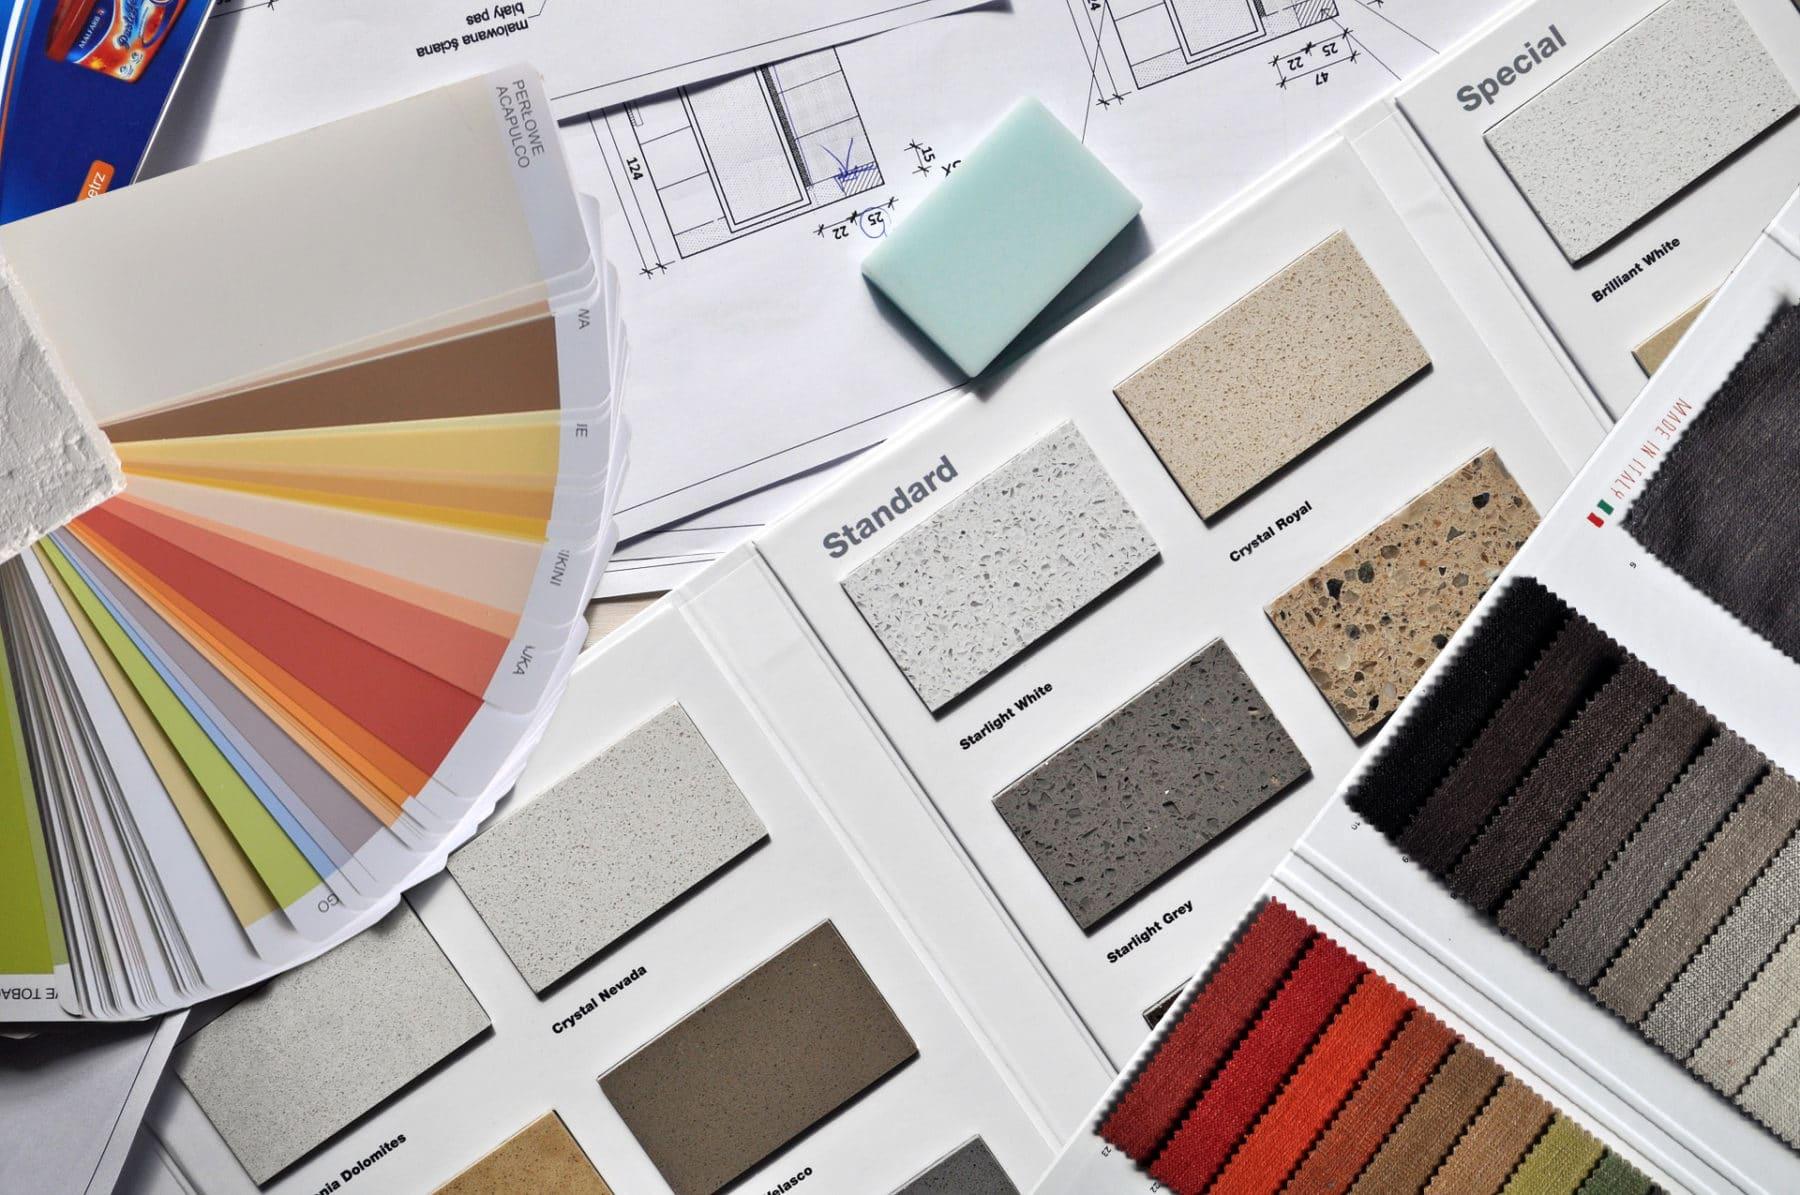 erste gemeinsame wohnung einrichten worauf sollen wir achten. Black Bedroom Furniture Sets. Home Design Ideas